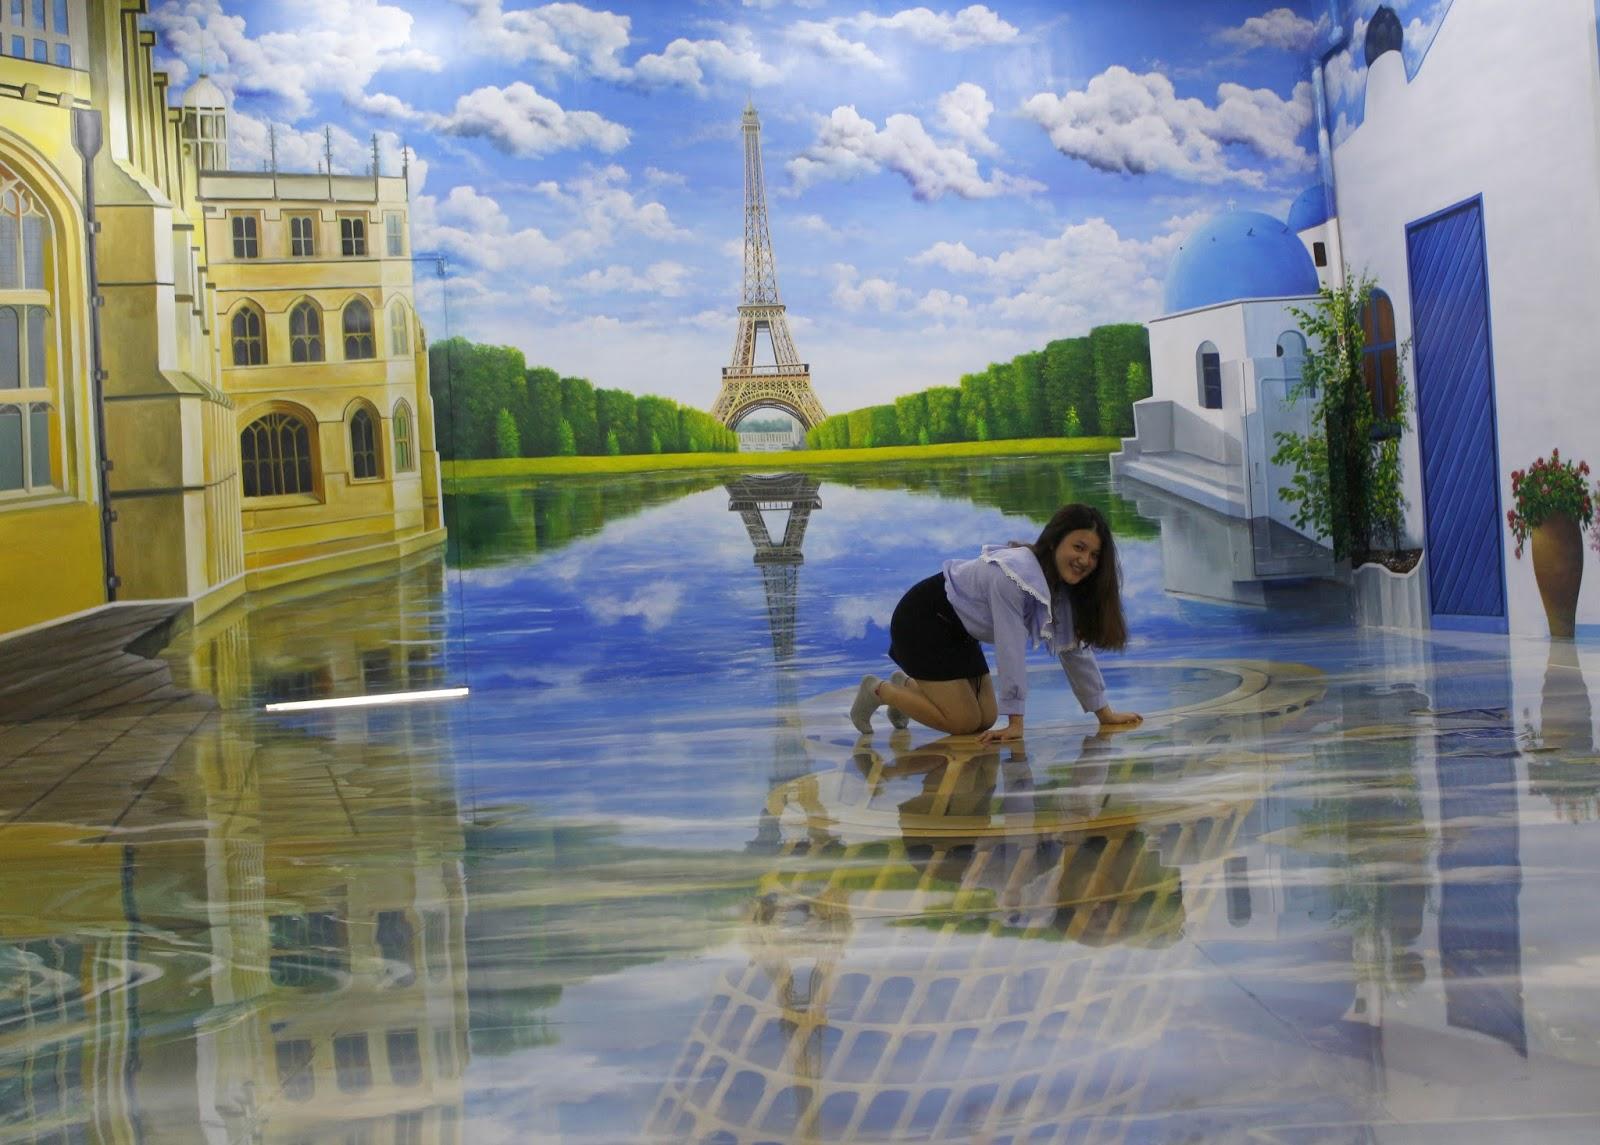 Tranh 3D là loại hình nghệ thuật ứng dụng nguyên lý xa gần, vẽ lên mặt phẳng như tường, trần, nền nhà, đổ bóng cùng những màu sơn đa chiều và độ ...